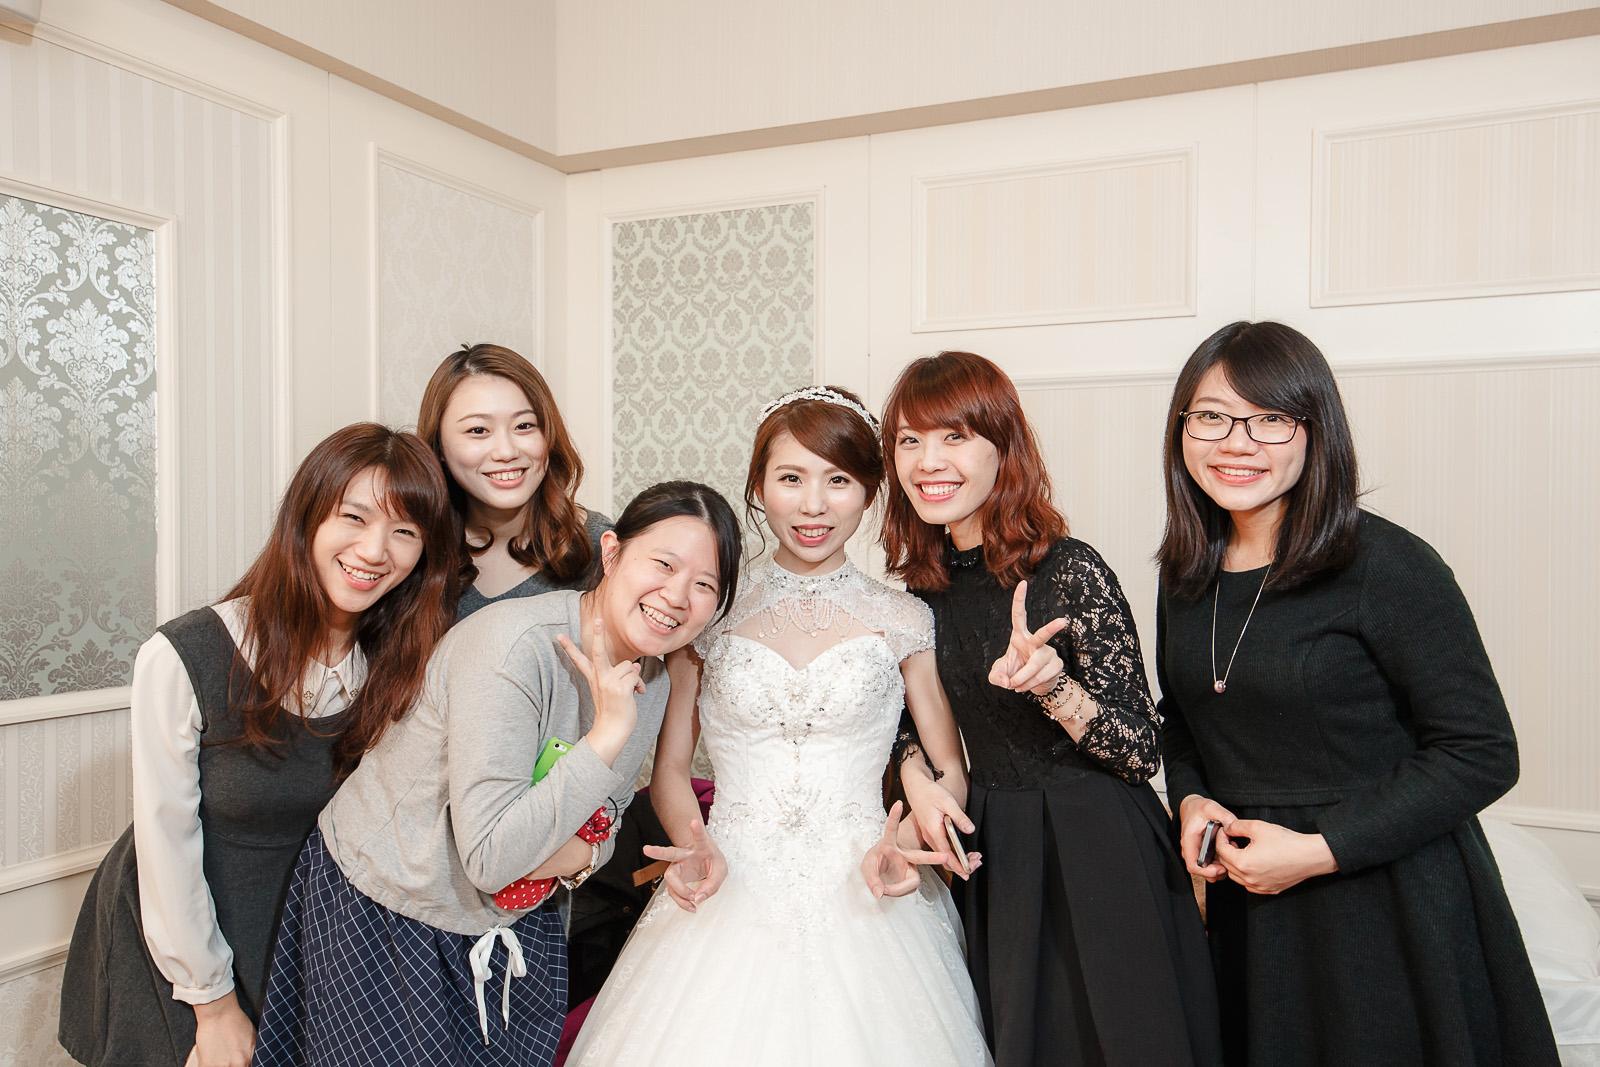 高雄圓山飯店,婚禮攝影,婚攝,高雄婚攝,優質婚攝推薦,Jen&Ethan-222